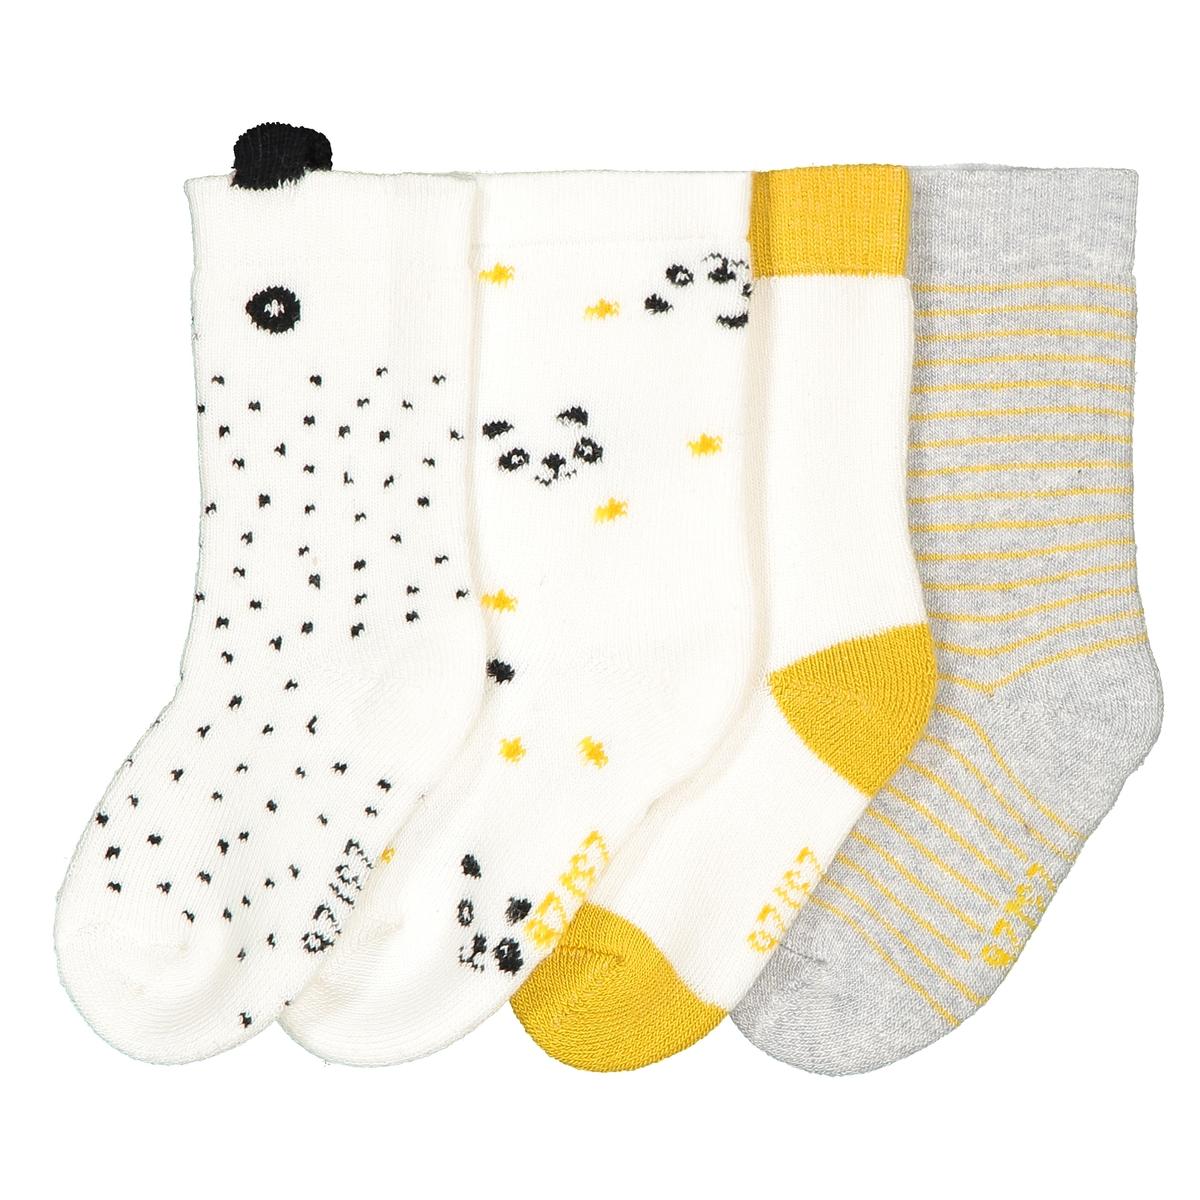 Комплект из пар носков La Redoute - 23/26 желтый комплект из пар носков la redoute размеры 23 26 черный